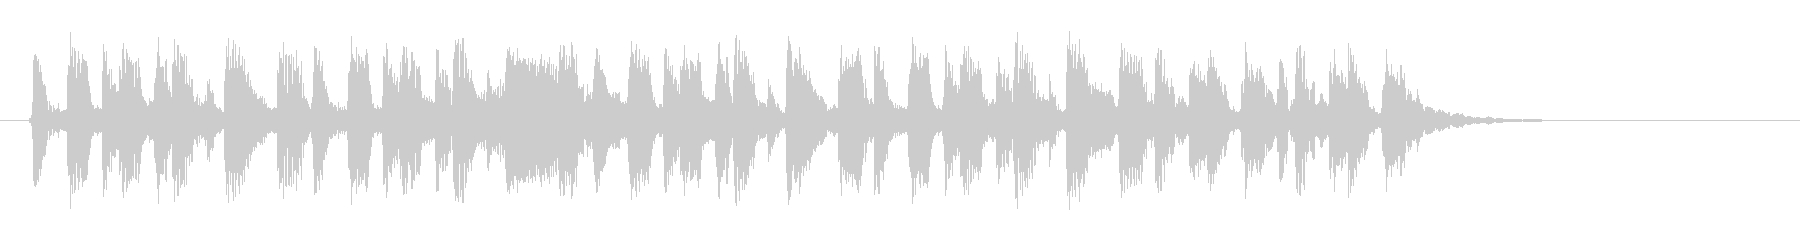 緩やかで滑らかなピアノジングルの未再生の波形